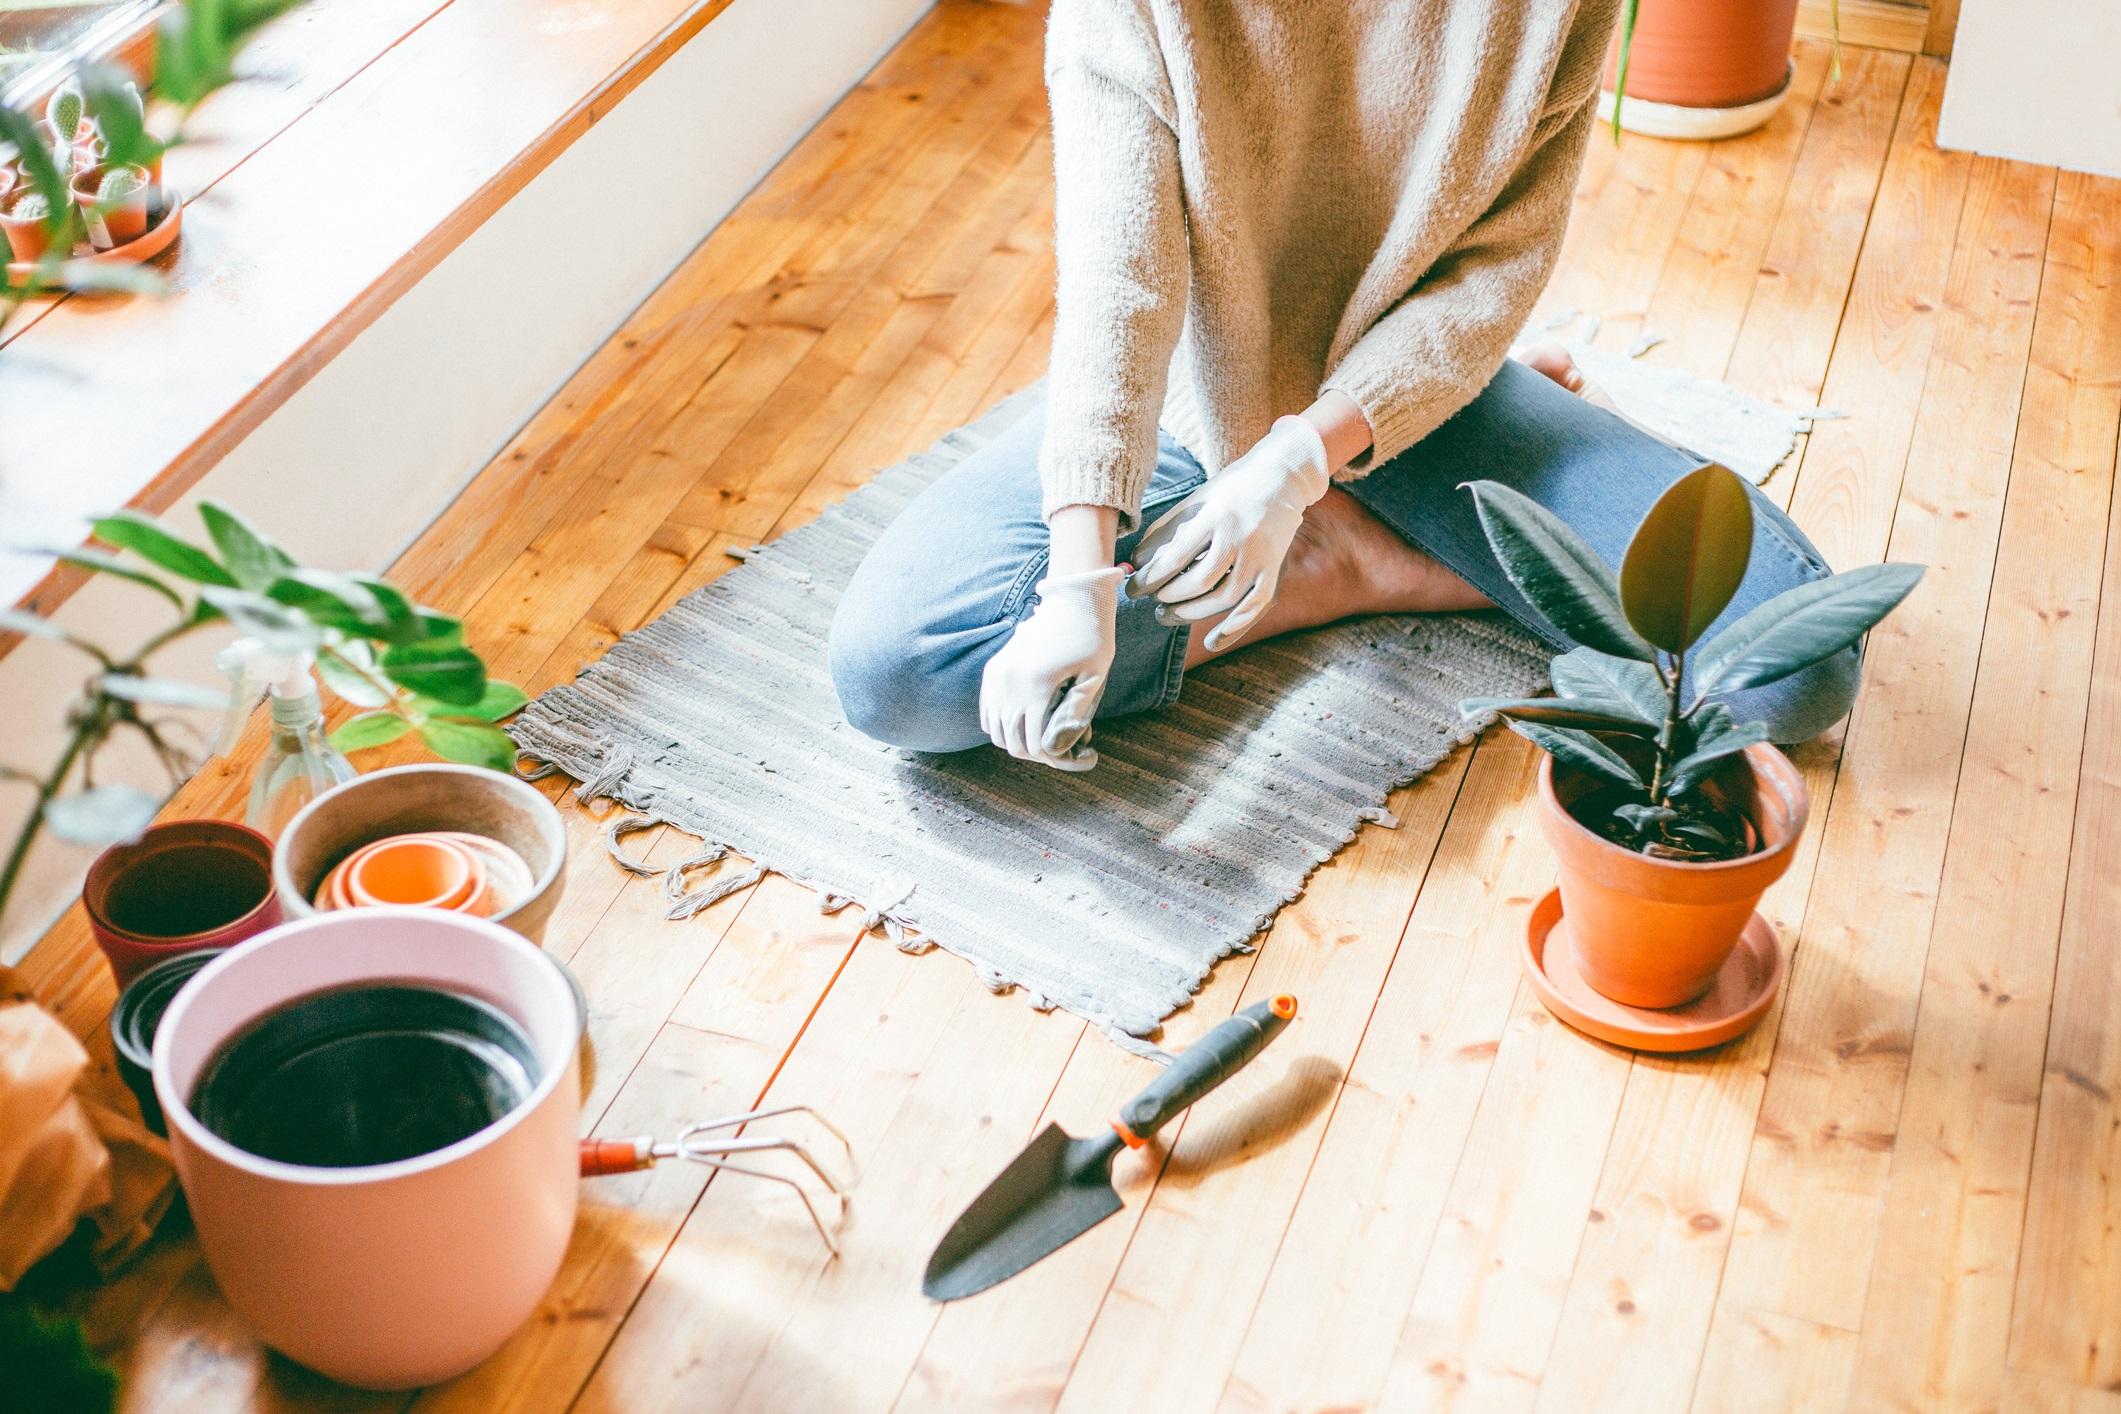 <p><strong>Губите всякакъв контакт с природата</strong></p>  <p>Да изолирани сме вкъщи, но това не означава, че не трябва да имаме досег с природата. Защо не я внесете вкъщи? Ако в домът ви все още няма саксии с цветя &ndash; време е. Стайните растения са полезни за чистотата на въздуха.</p>